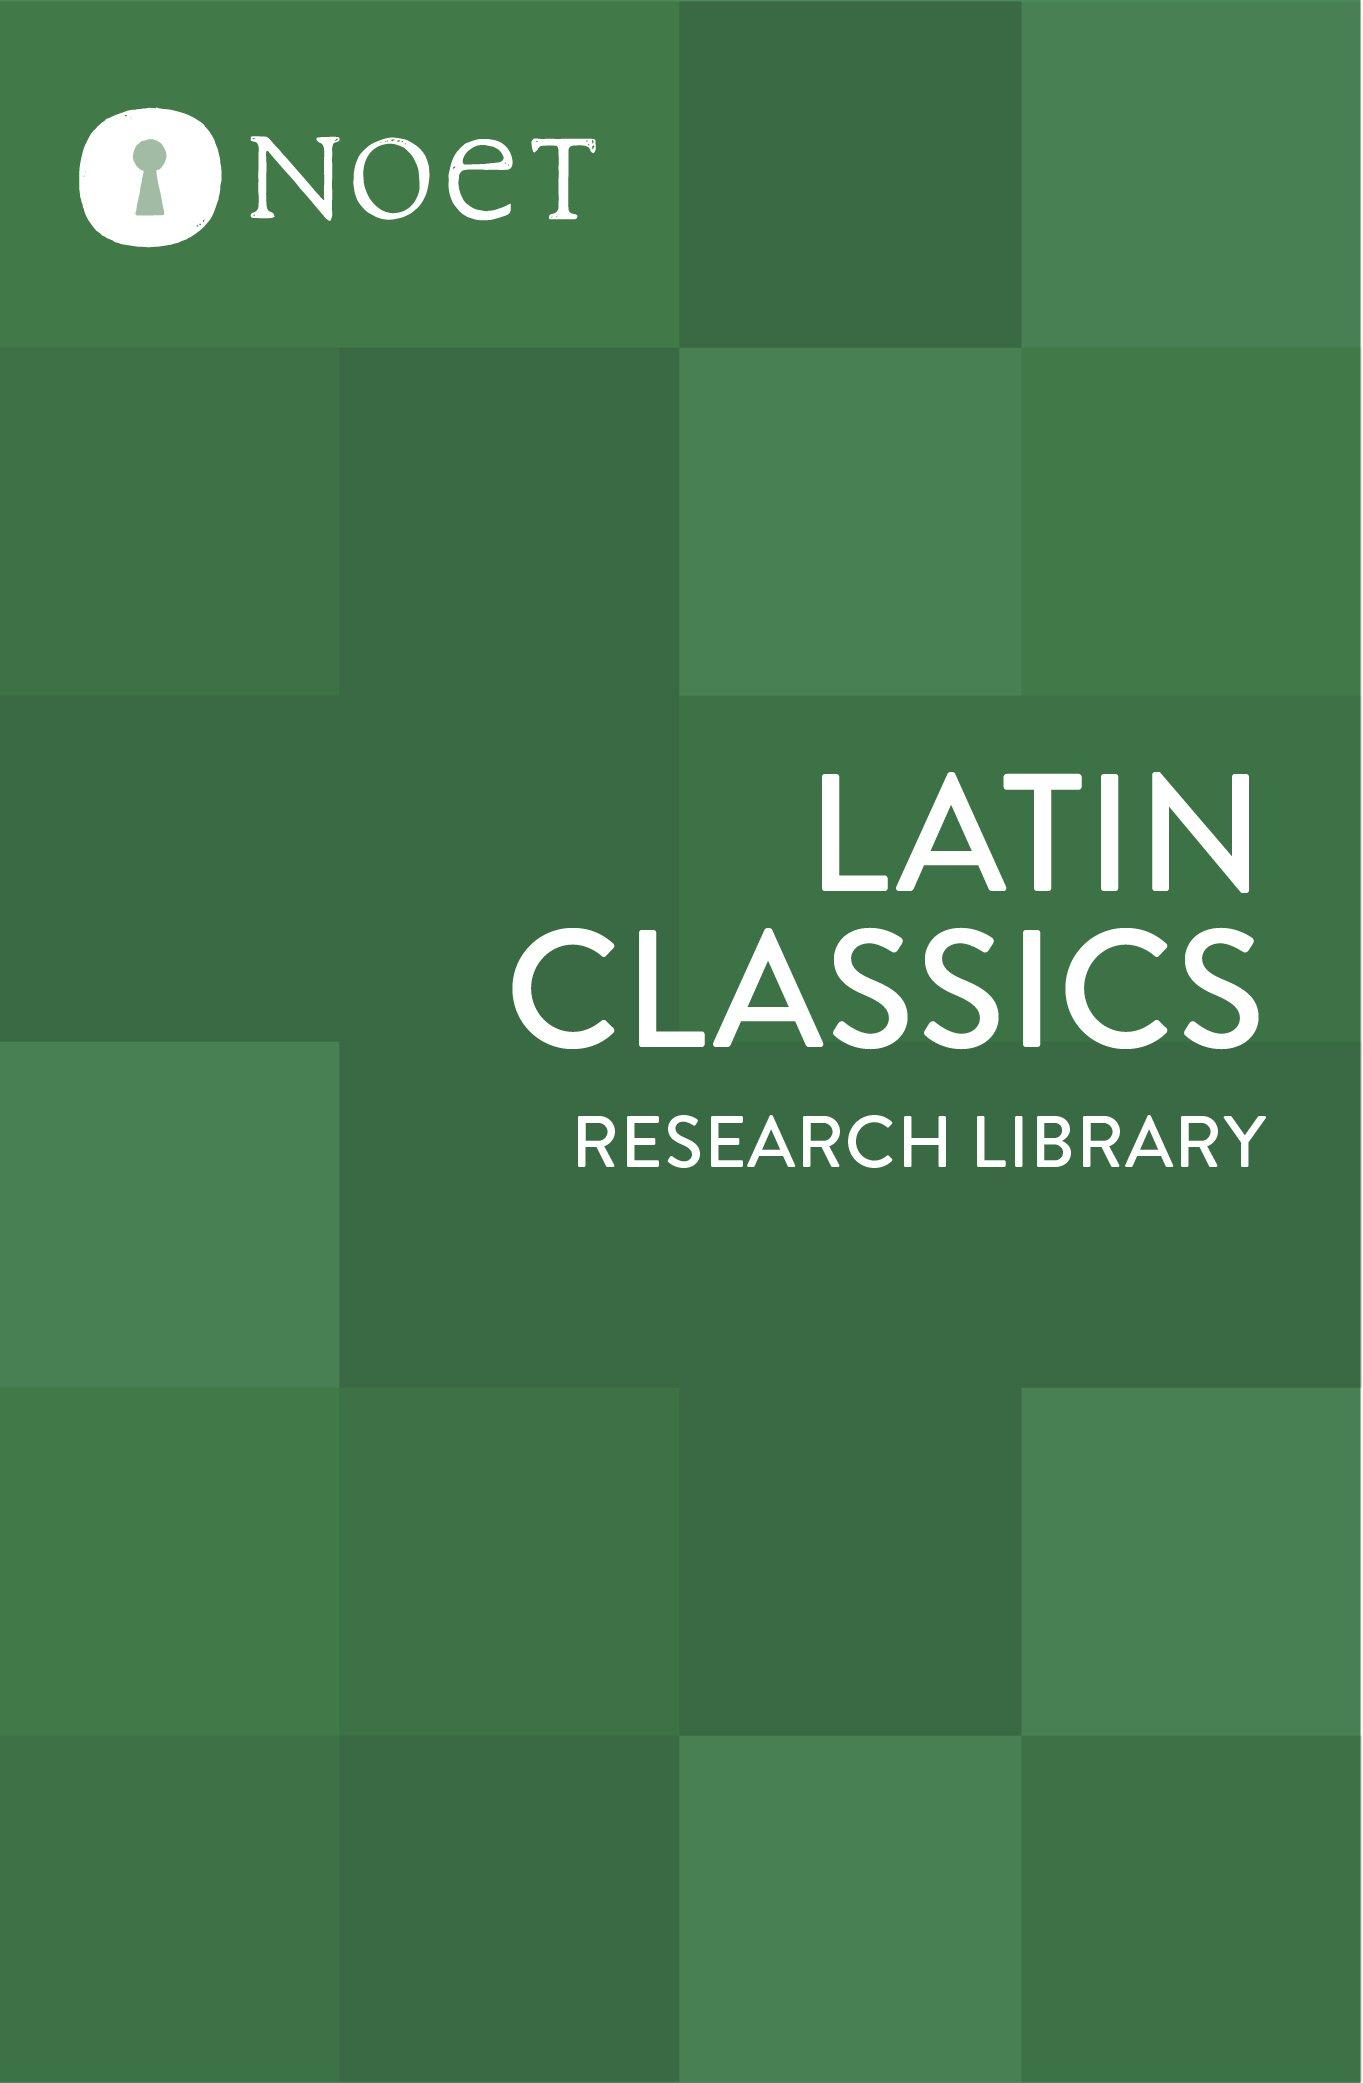 Latin Classics Research Library (77 vols. plus Perseus Latin Classics)